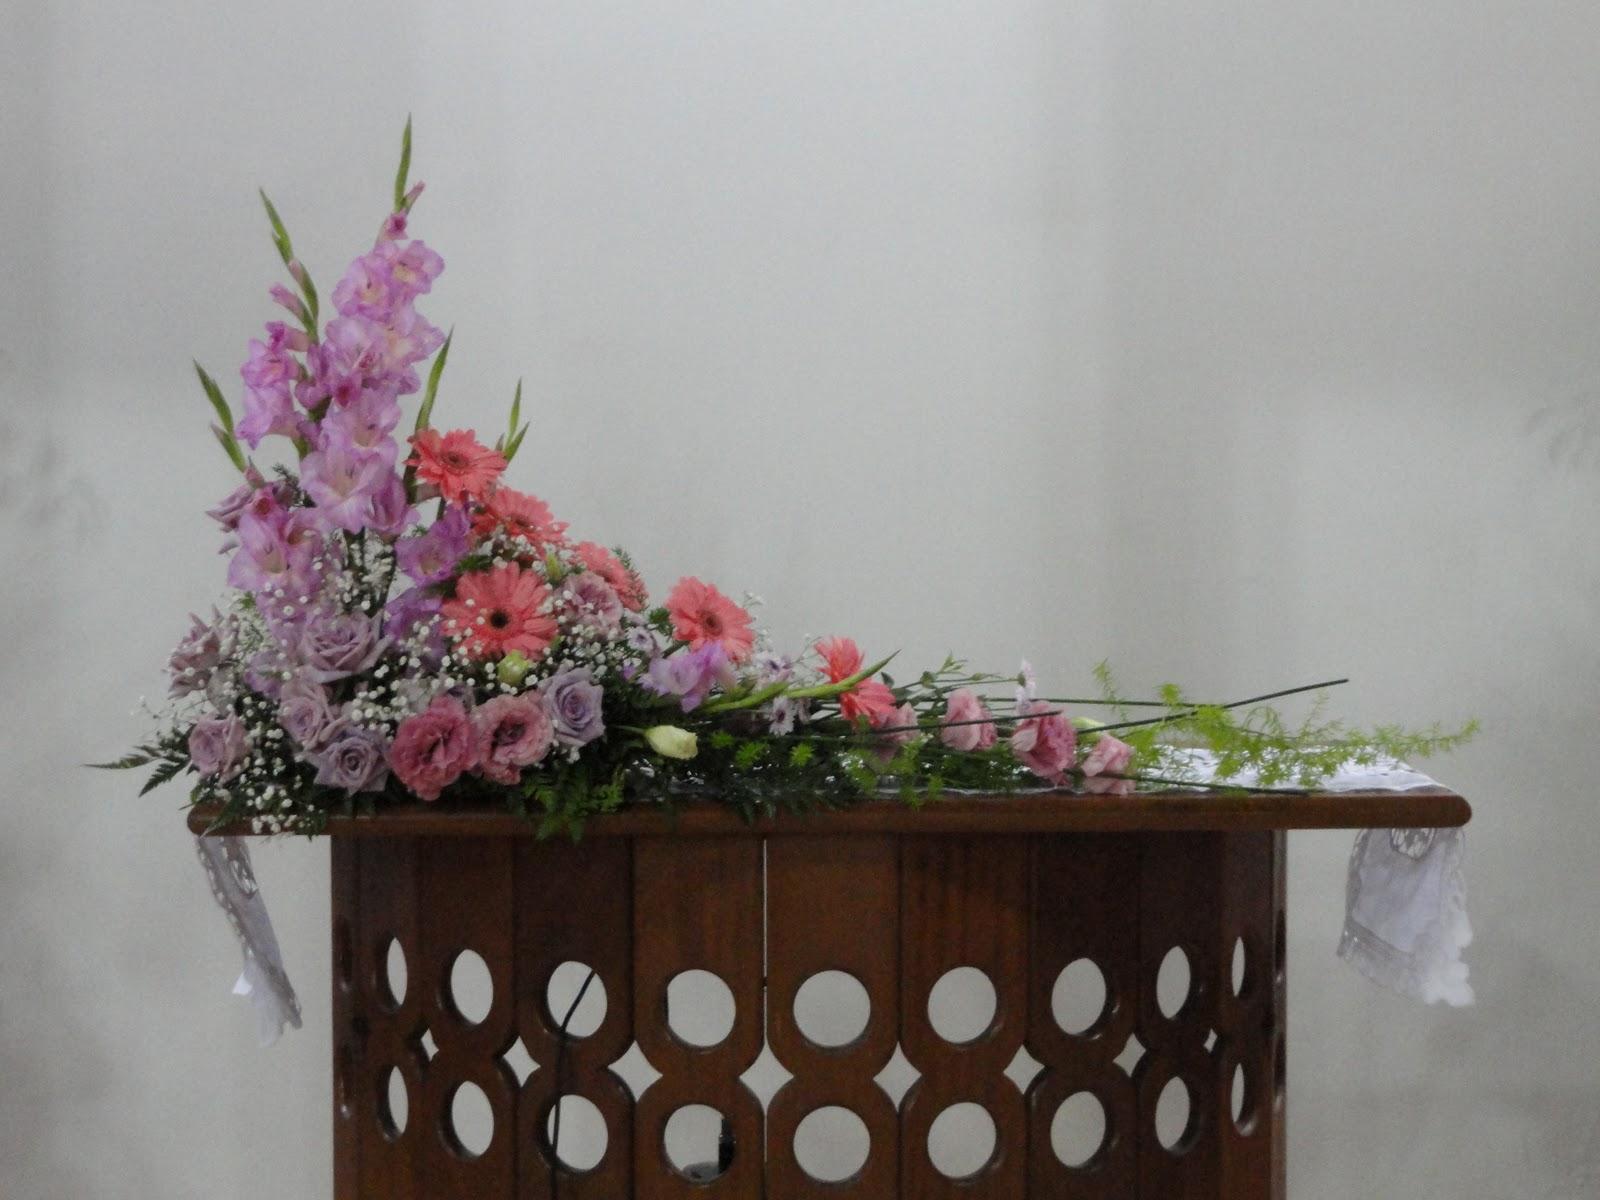 arranjos de flores naturais da igreja crista  - Fotos De Arranjos De Flores Icm